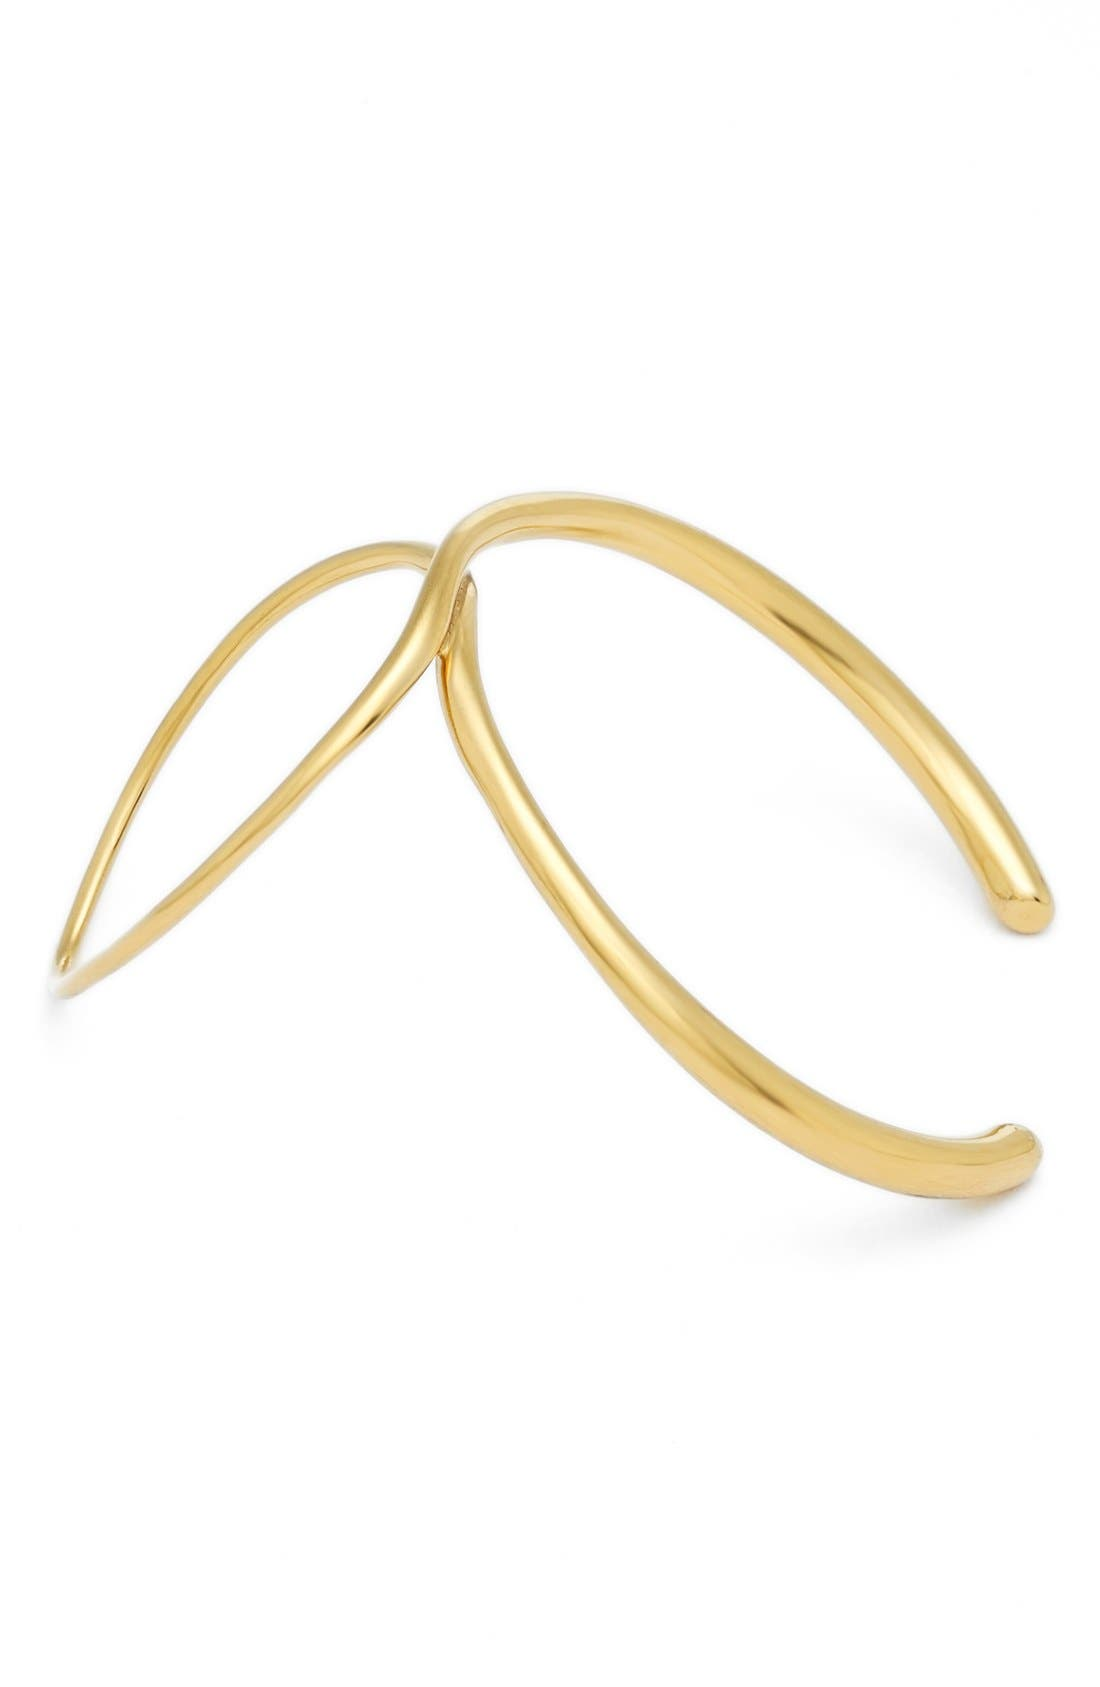 Charlotte Chesnais 'Bond' Bracelet